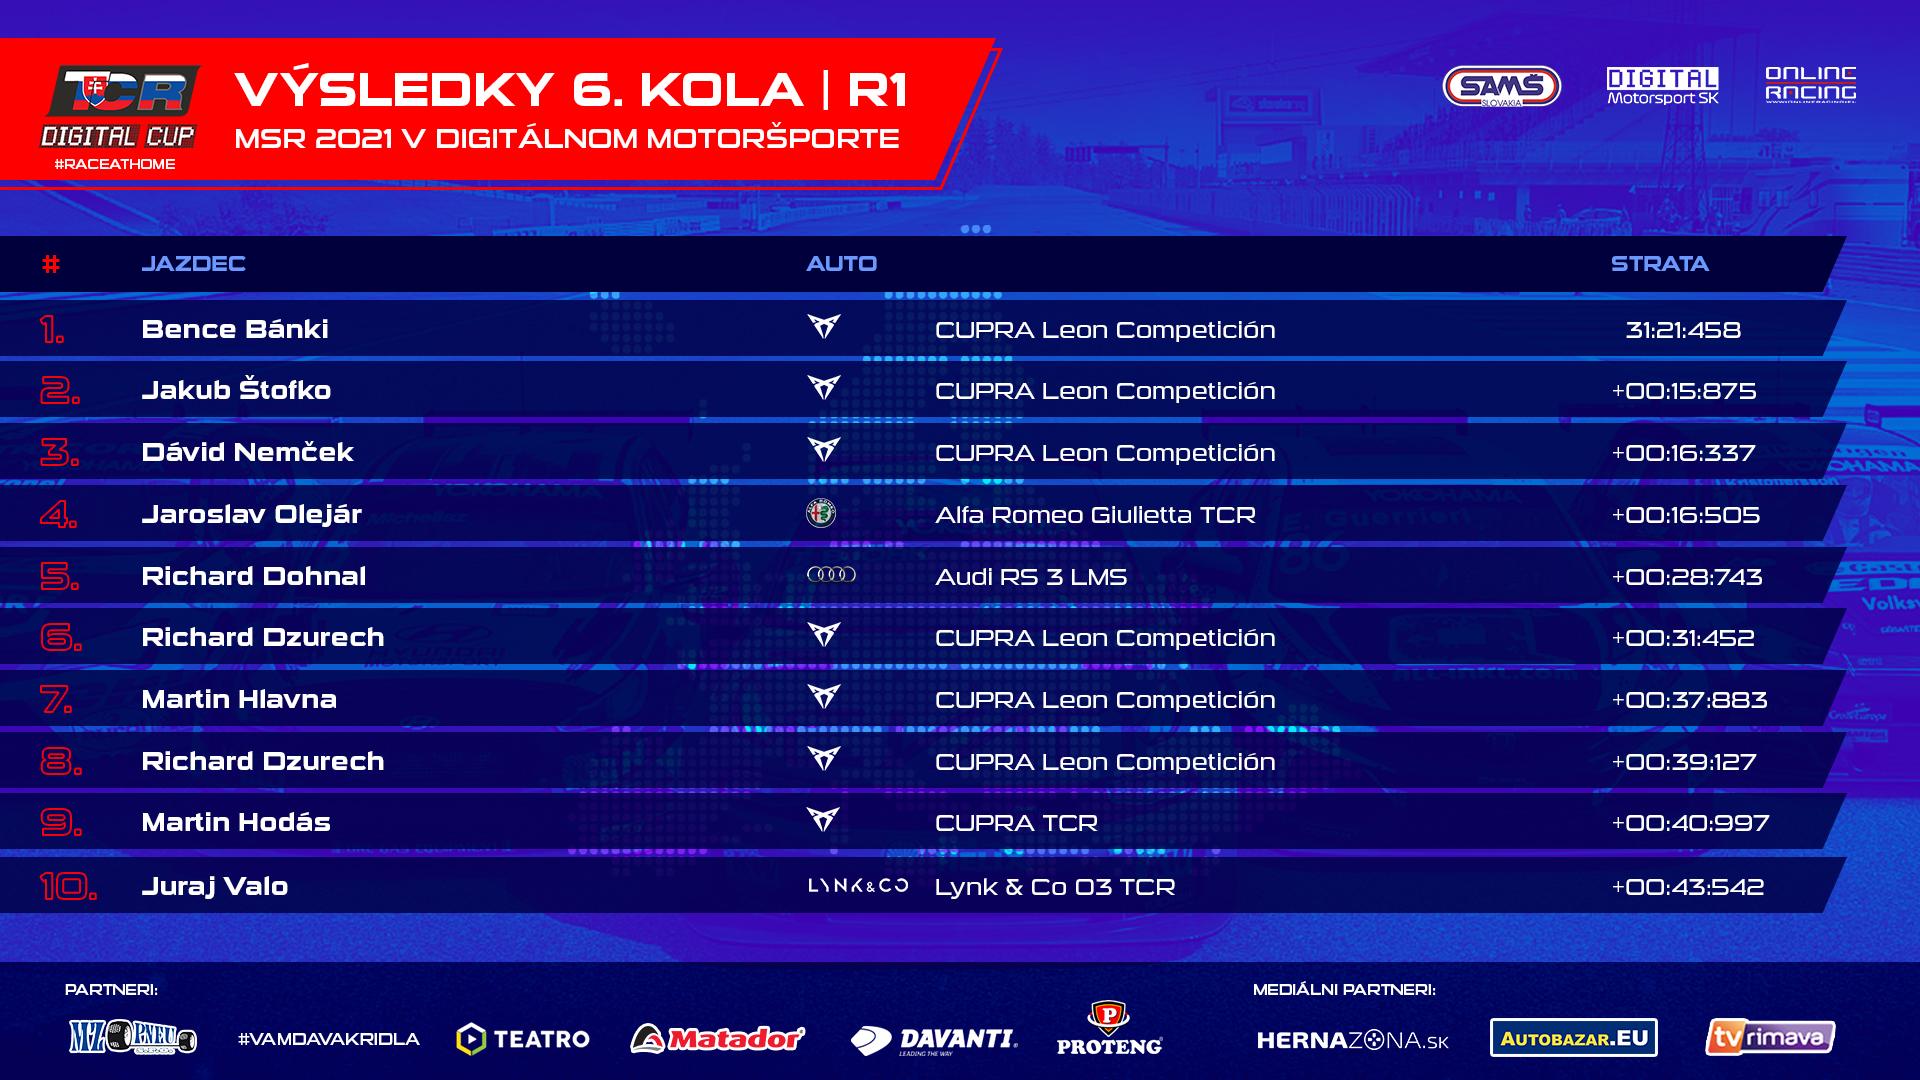 Výsledky TOP 10 z prvého šprintu 6. kola TCR Digital Cupu.